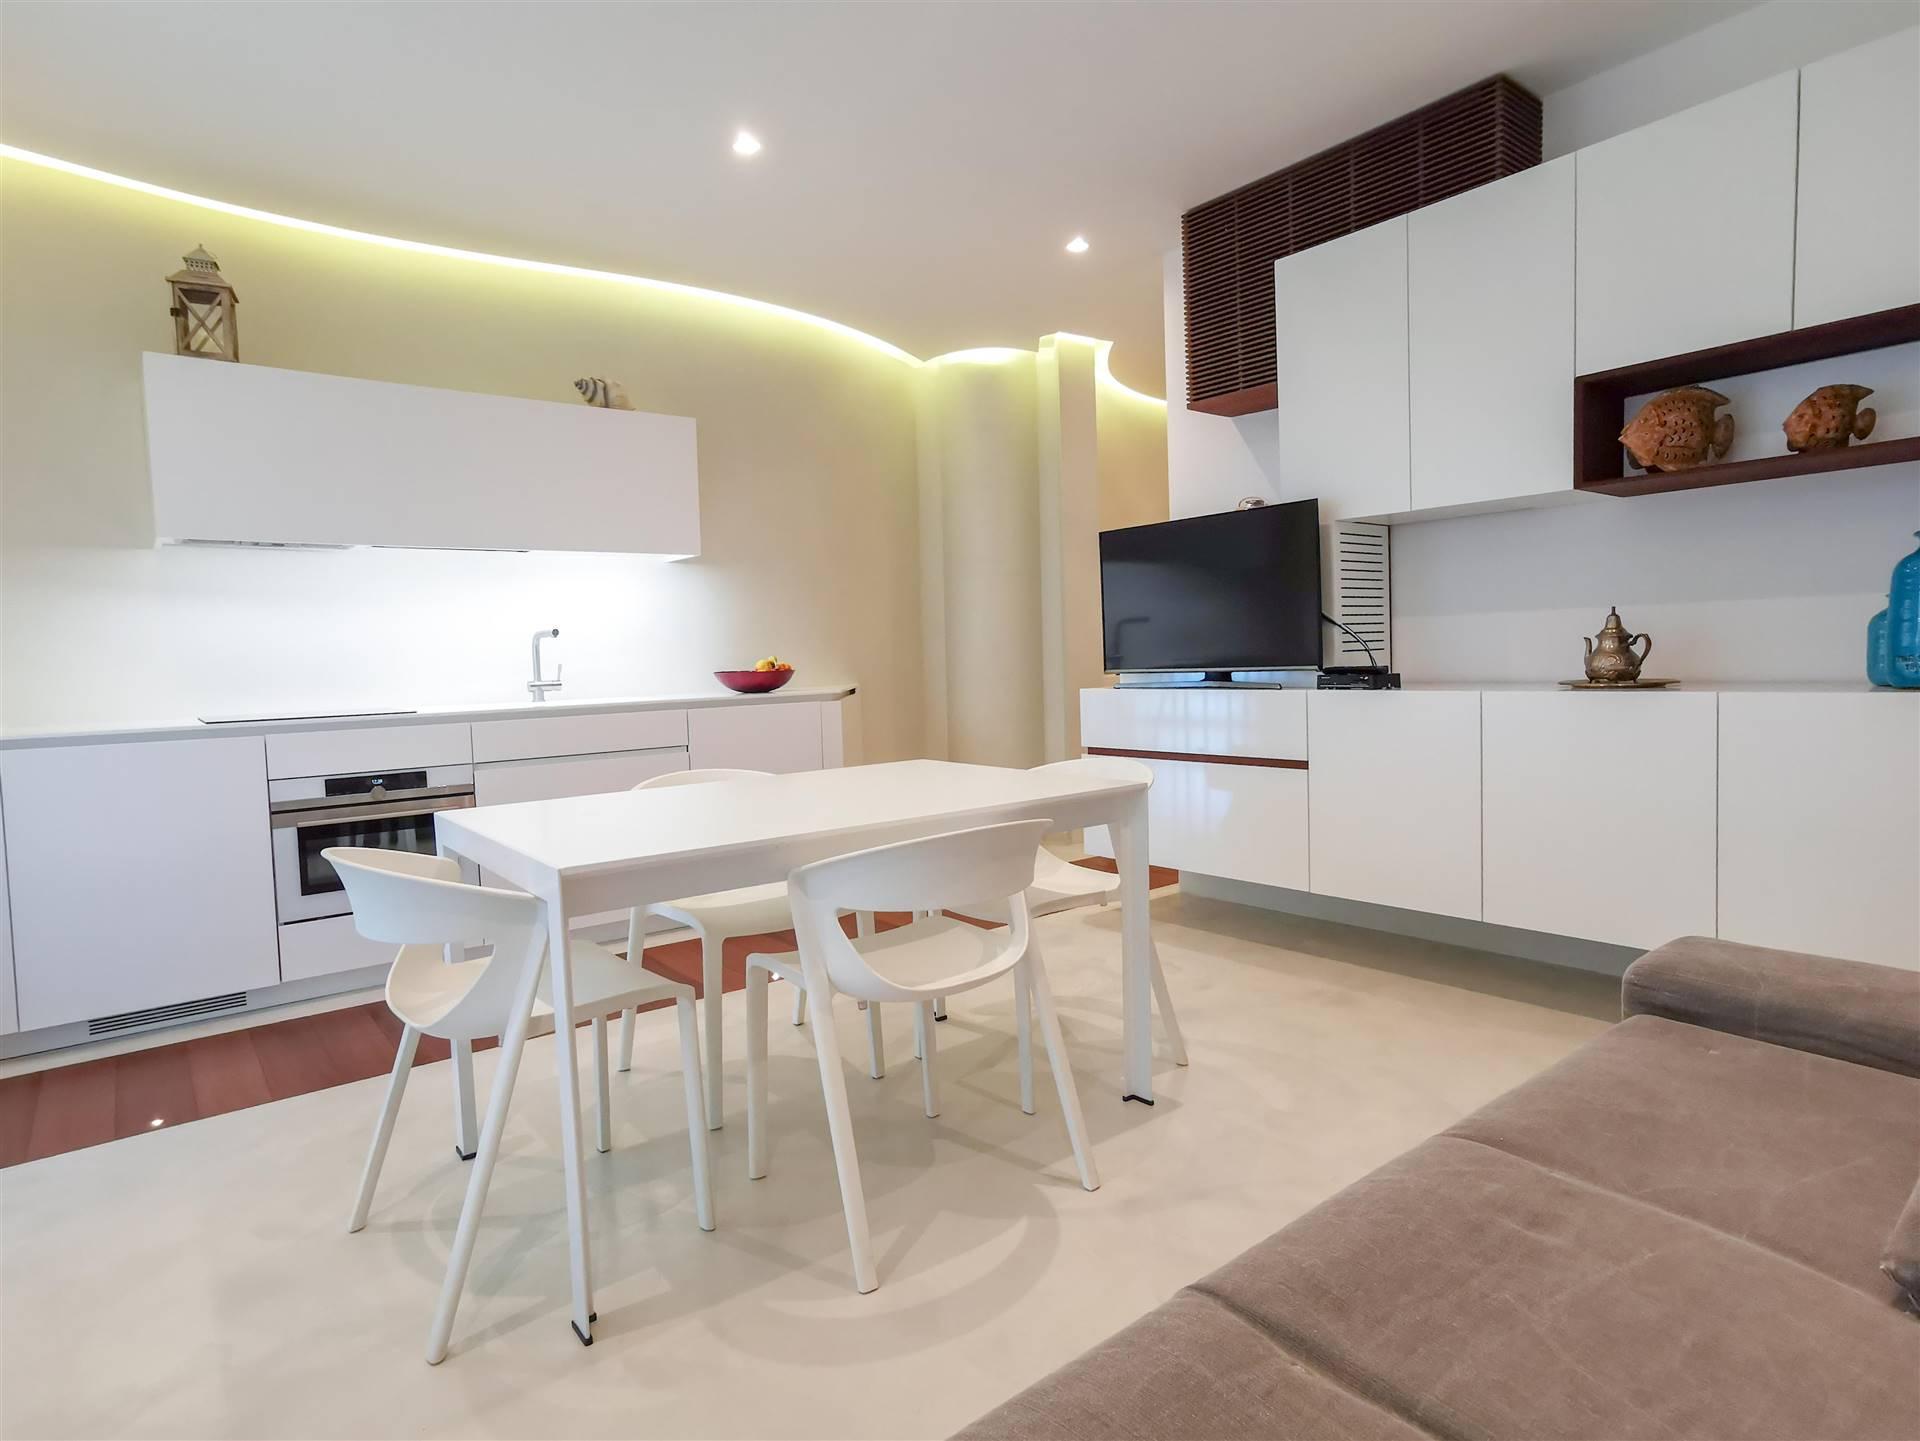 JESOLO Appartamento con due camere signorile con domotica Foto 4